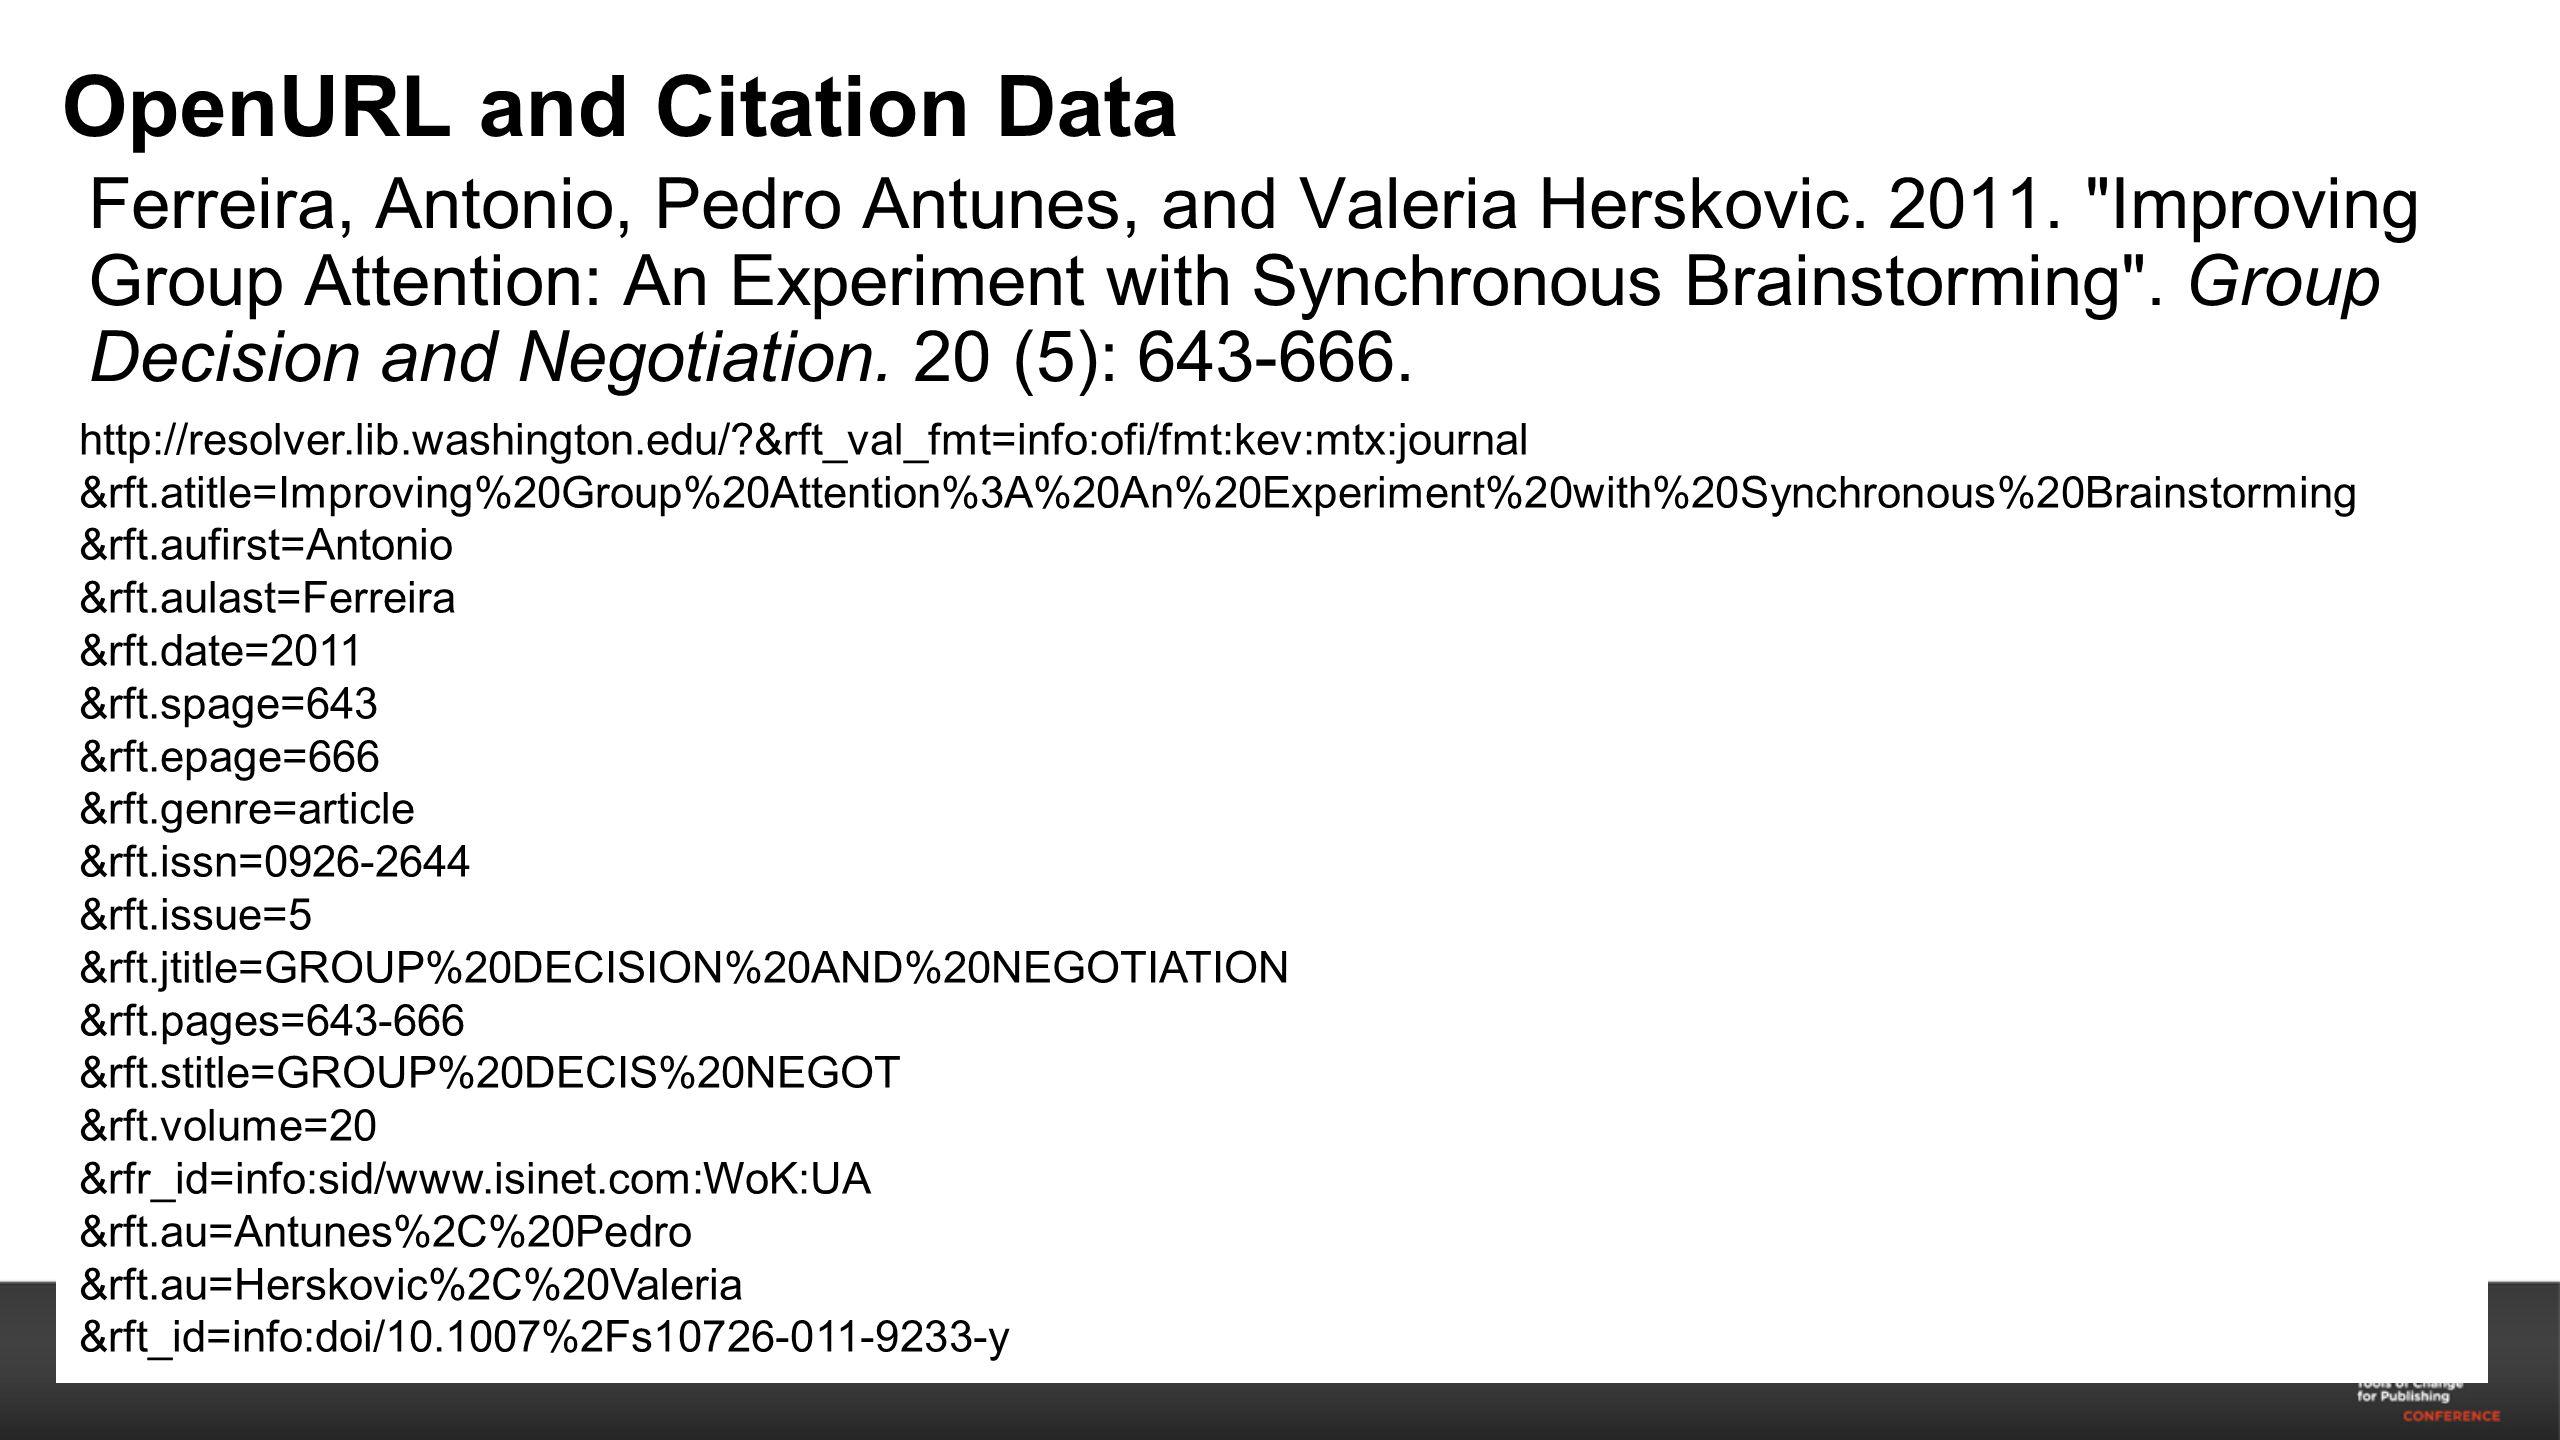 OpenURL and Citation Data Ferreira, Antonio, Pedro Antunes, and Valeria Herskovic.